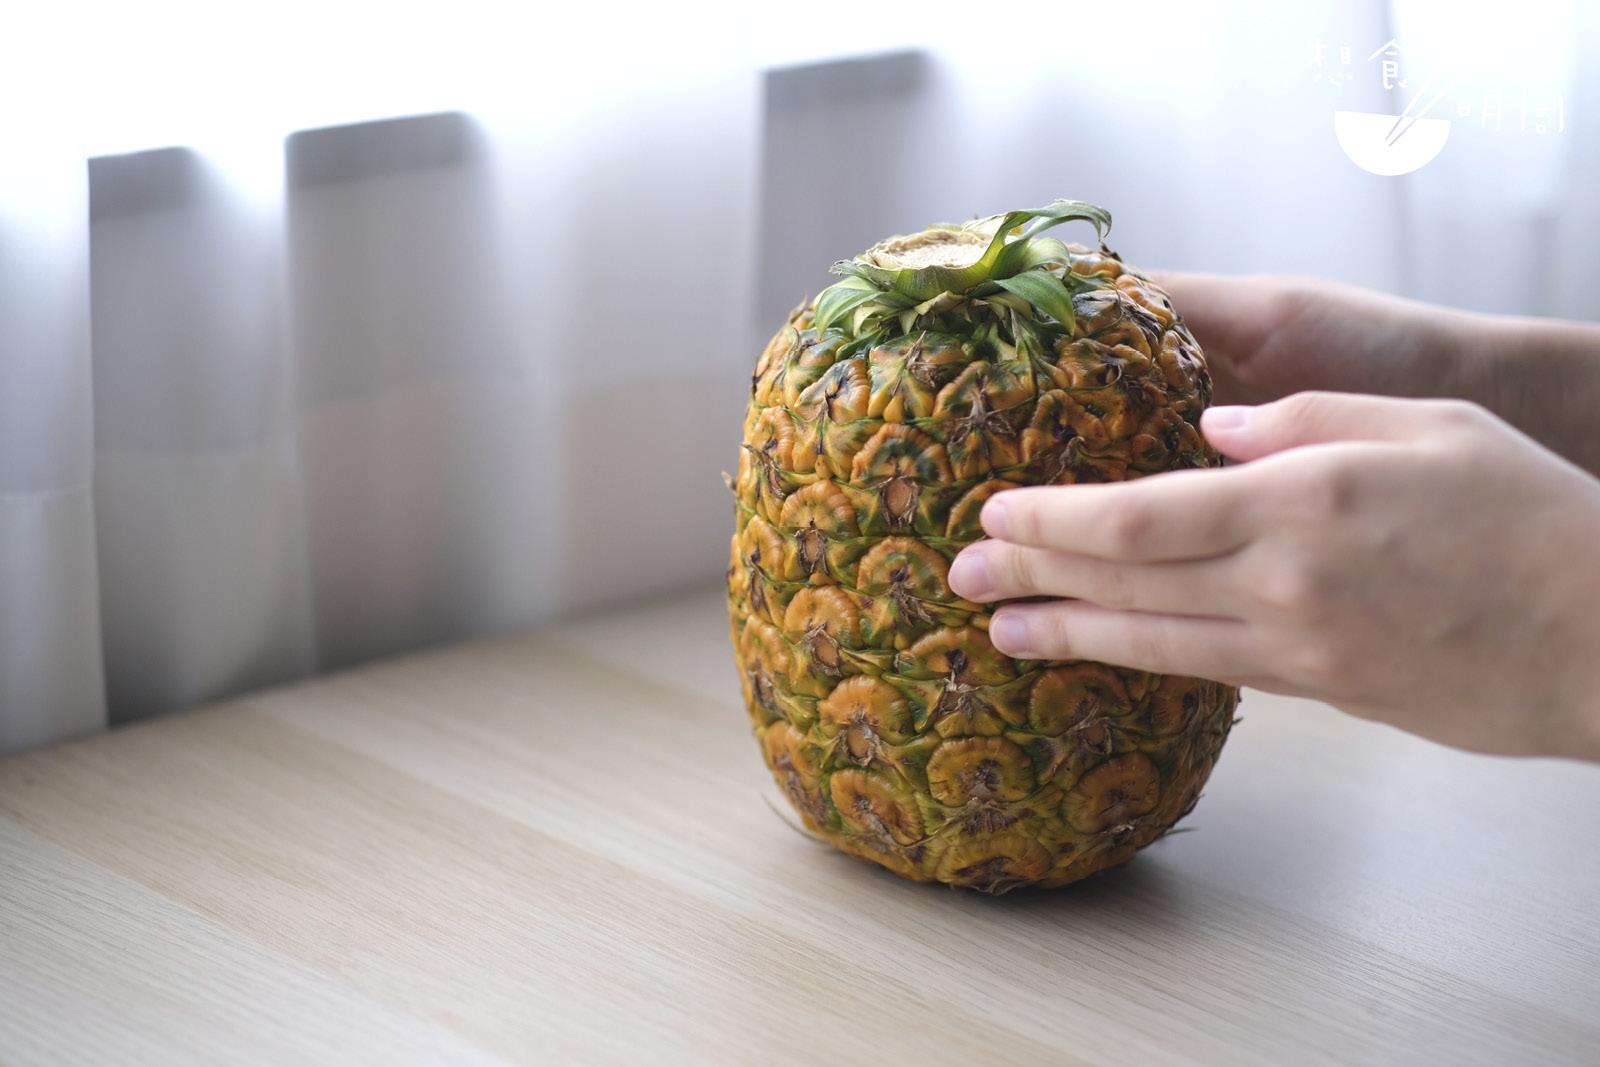 菠蘿以人手採摘及「無冠」形式出貨,所謂「無冠」,就是將已收割的葉冠重新種植,達到可持續種植效果。